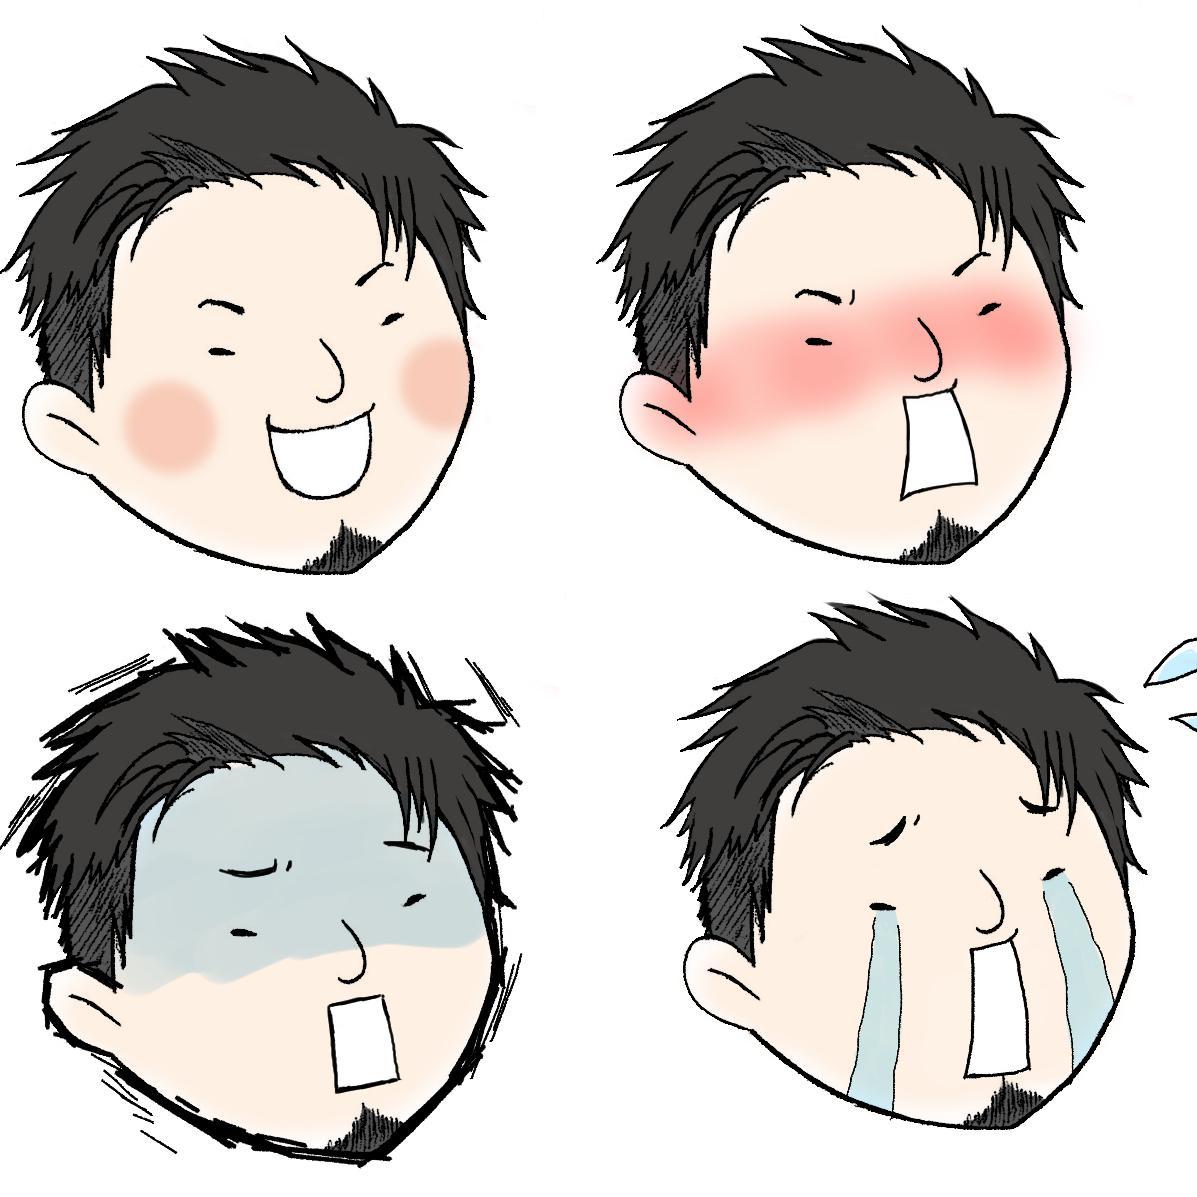 可愛らしい似顔絵承ります SNSや挿絵など様々な用途でお使いください☆